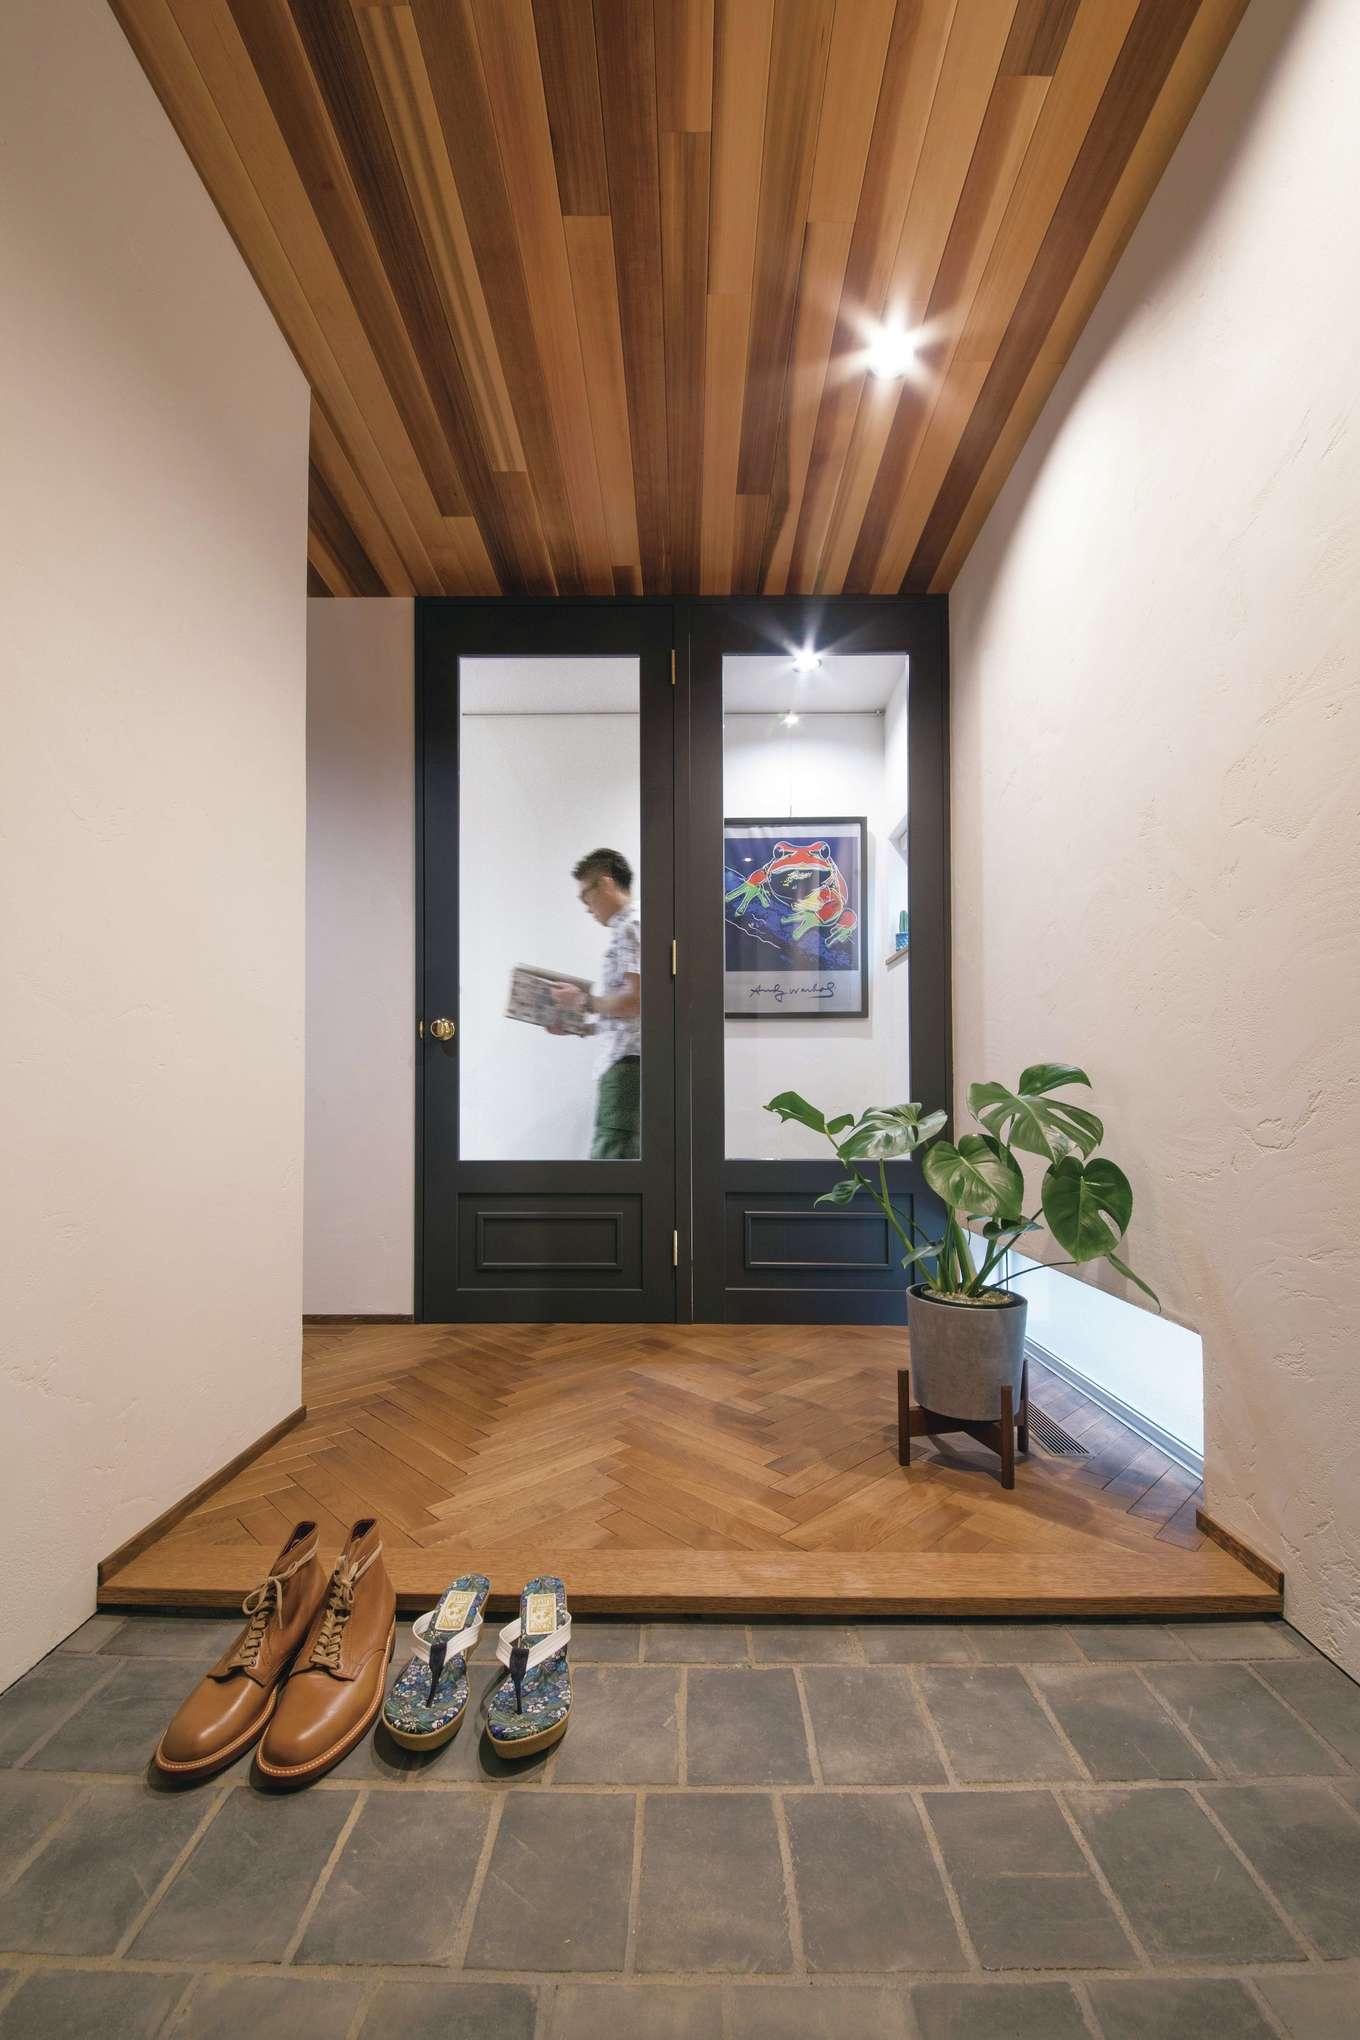 小幡建設【岡崎市岩津町・モデルハウス】レッドシダーの天井とヘリンボーンの床がバランスよく調和した玄関。サイドにはシューズクロークがある